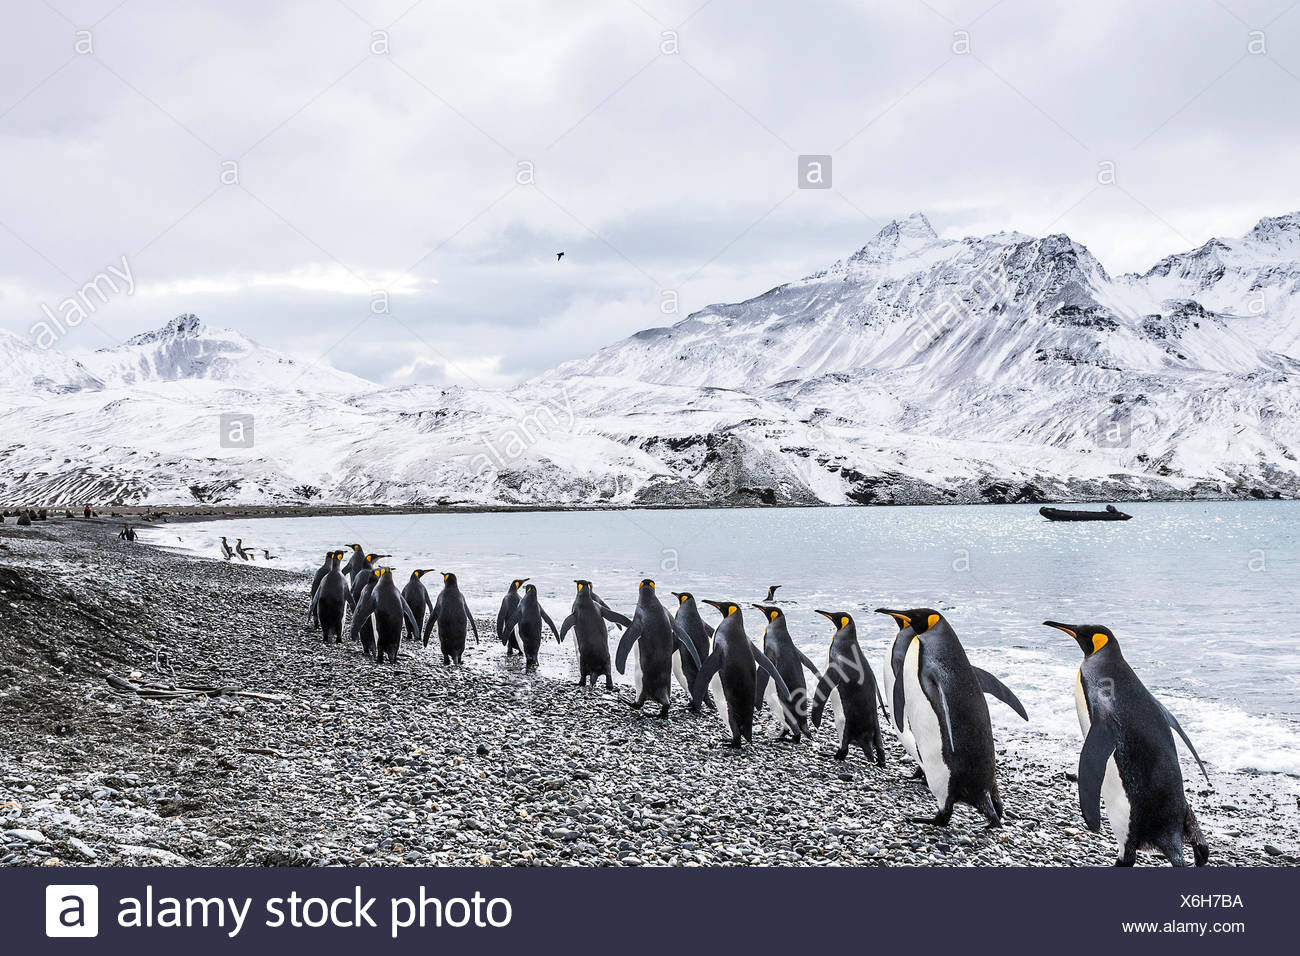 Le manchot royal (Aptenodytes patagonicus) marcher dans une rangée au bord de l'eau et d'un zodiac amarré à l'eau le long de la côte Photo Stock